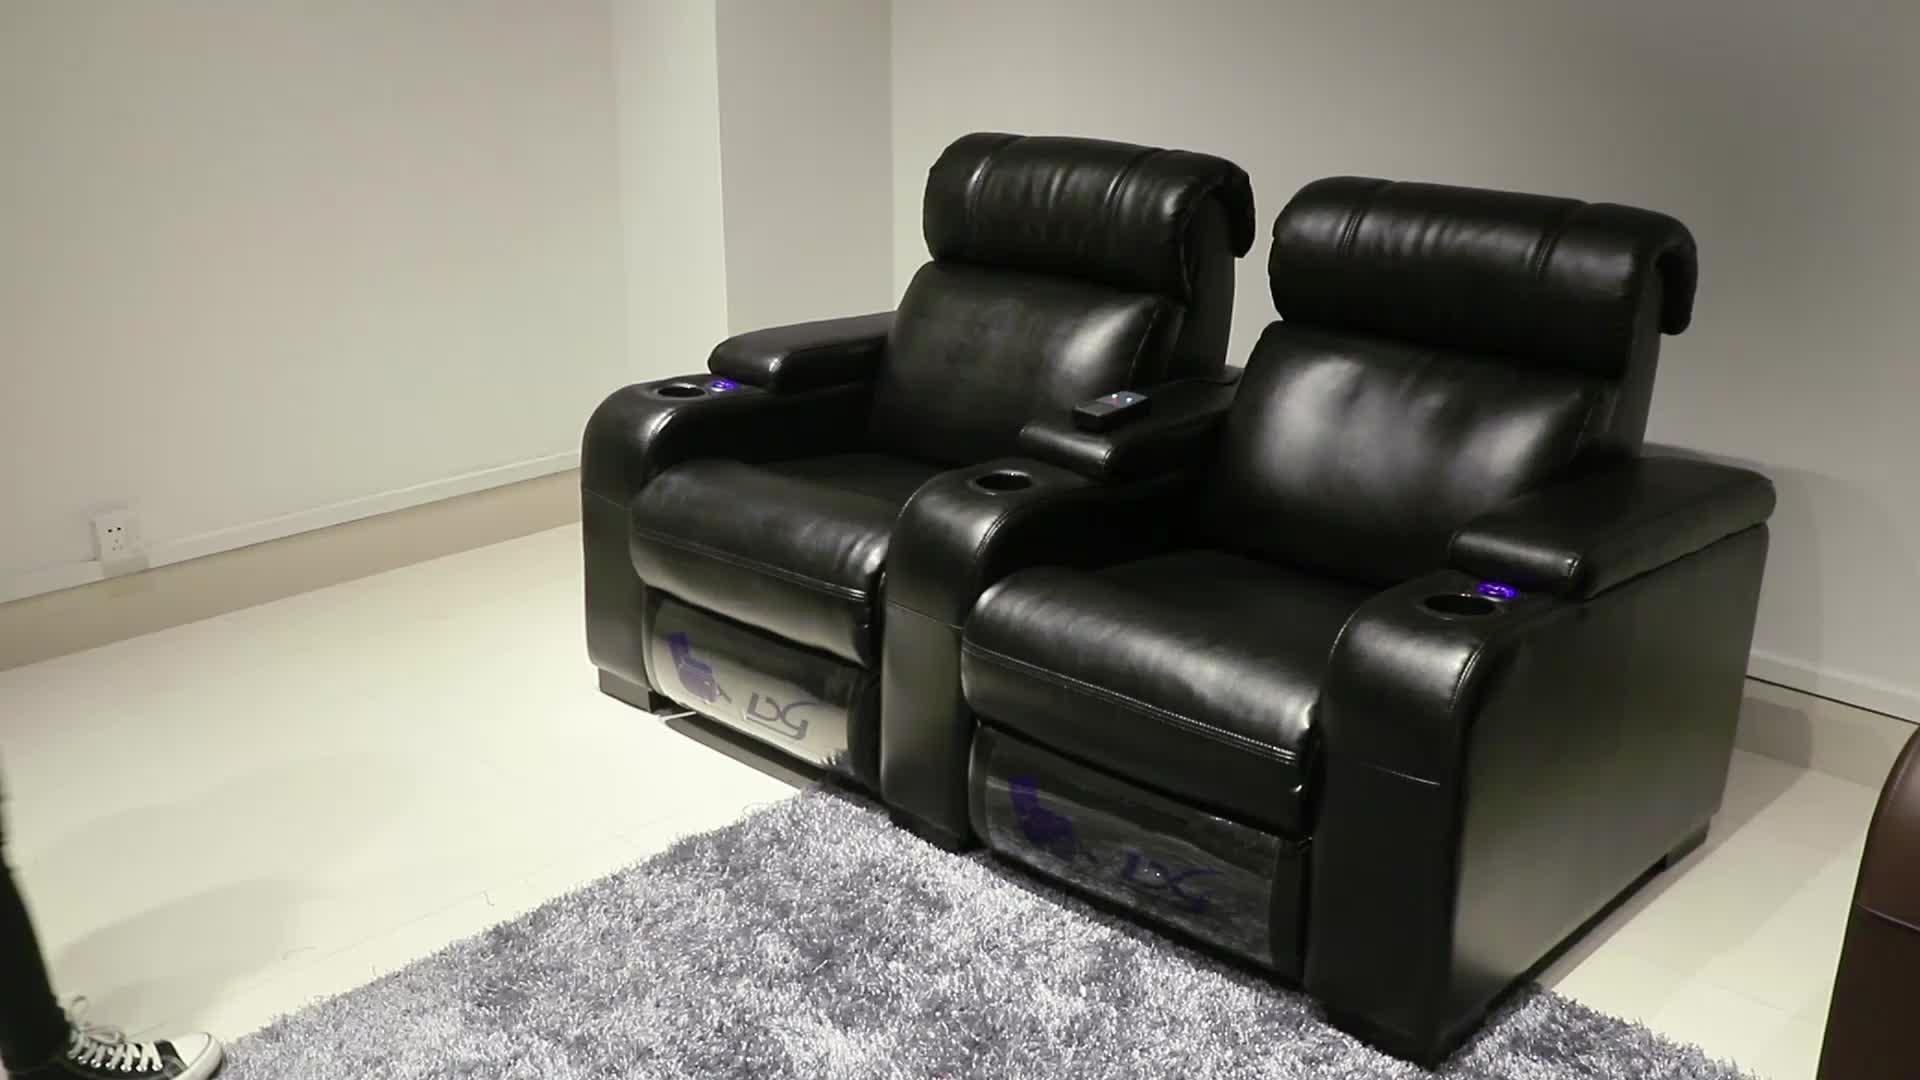 Moderno Cine Teatro relajarse habitación sofá de cuero conjunto manual mecanismo basculante de ascensor de asiento de auto masaje de 3 plazas sillón reclinable